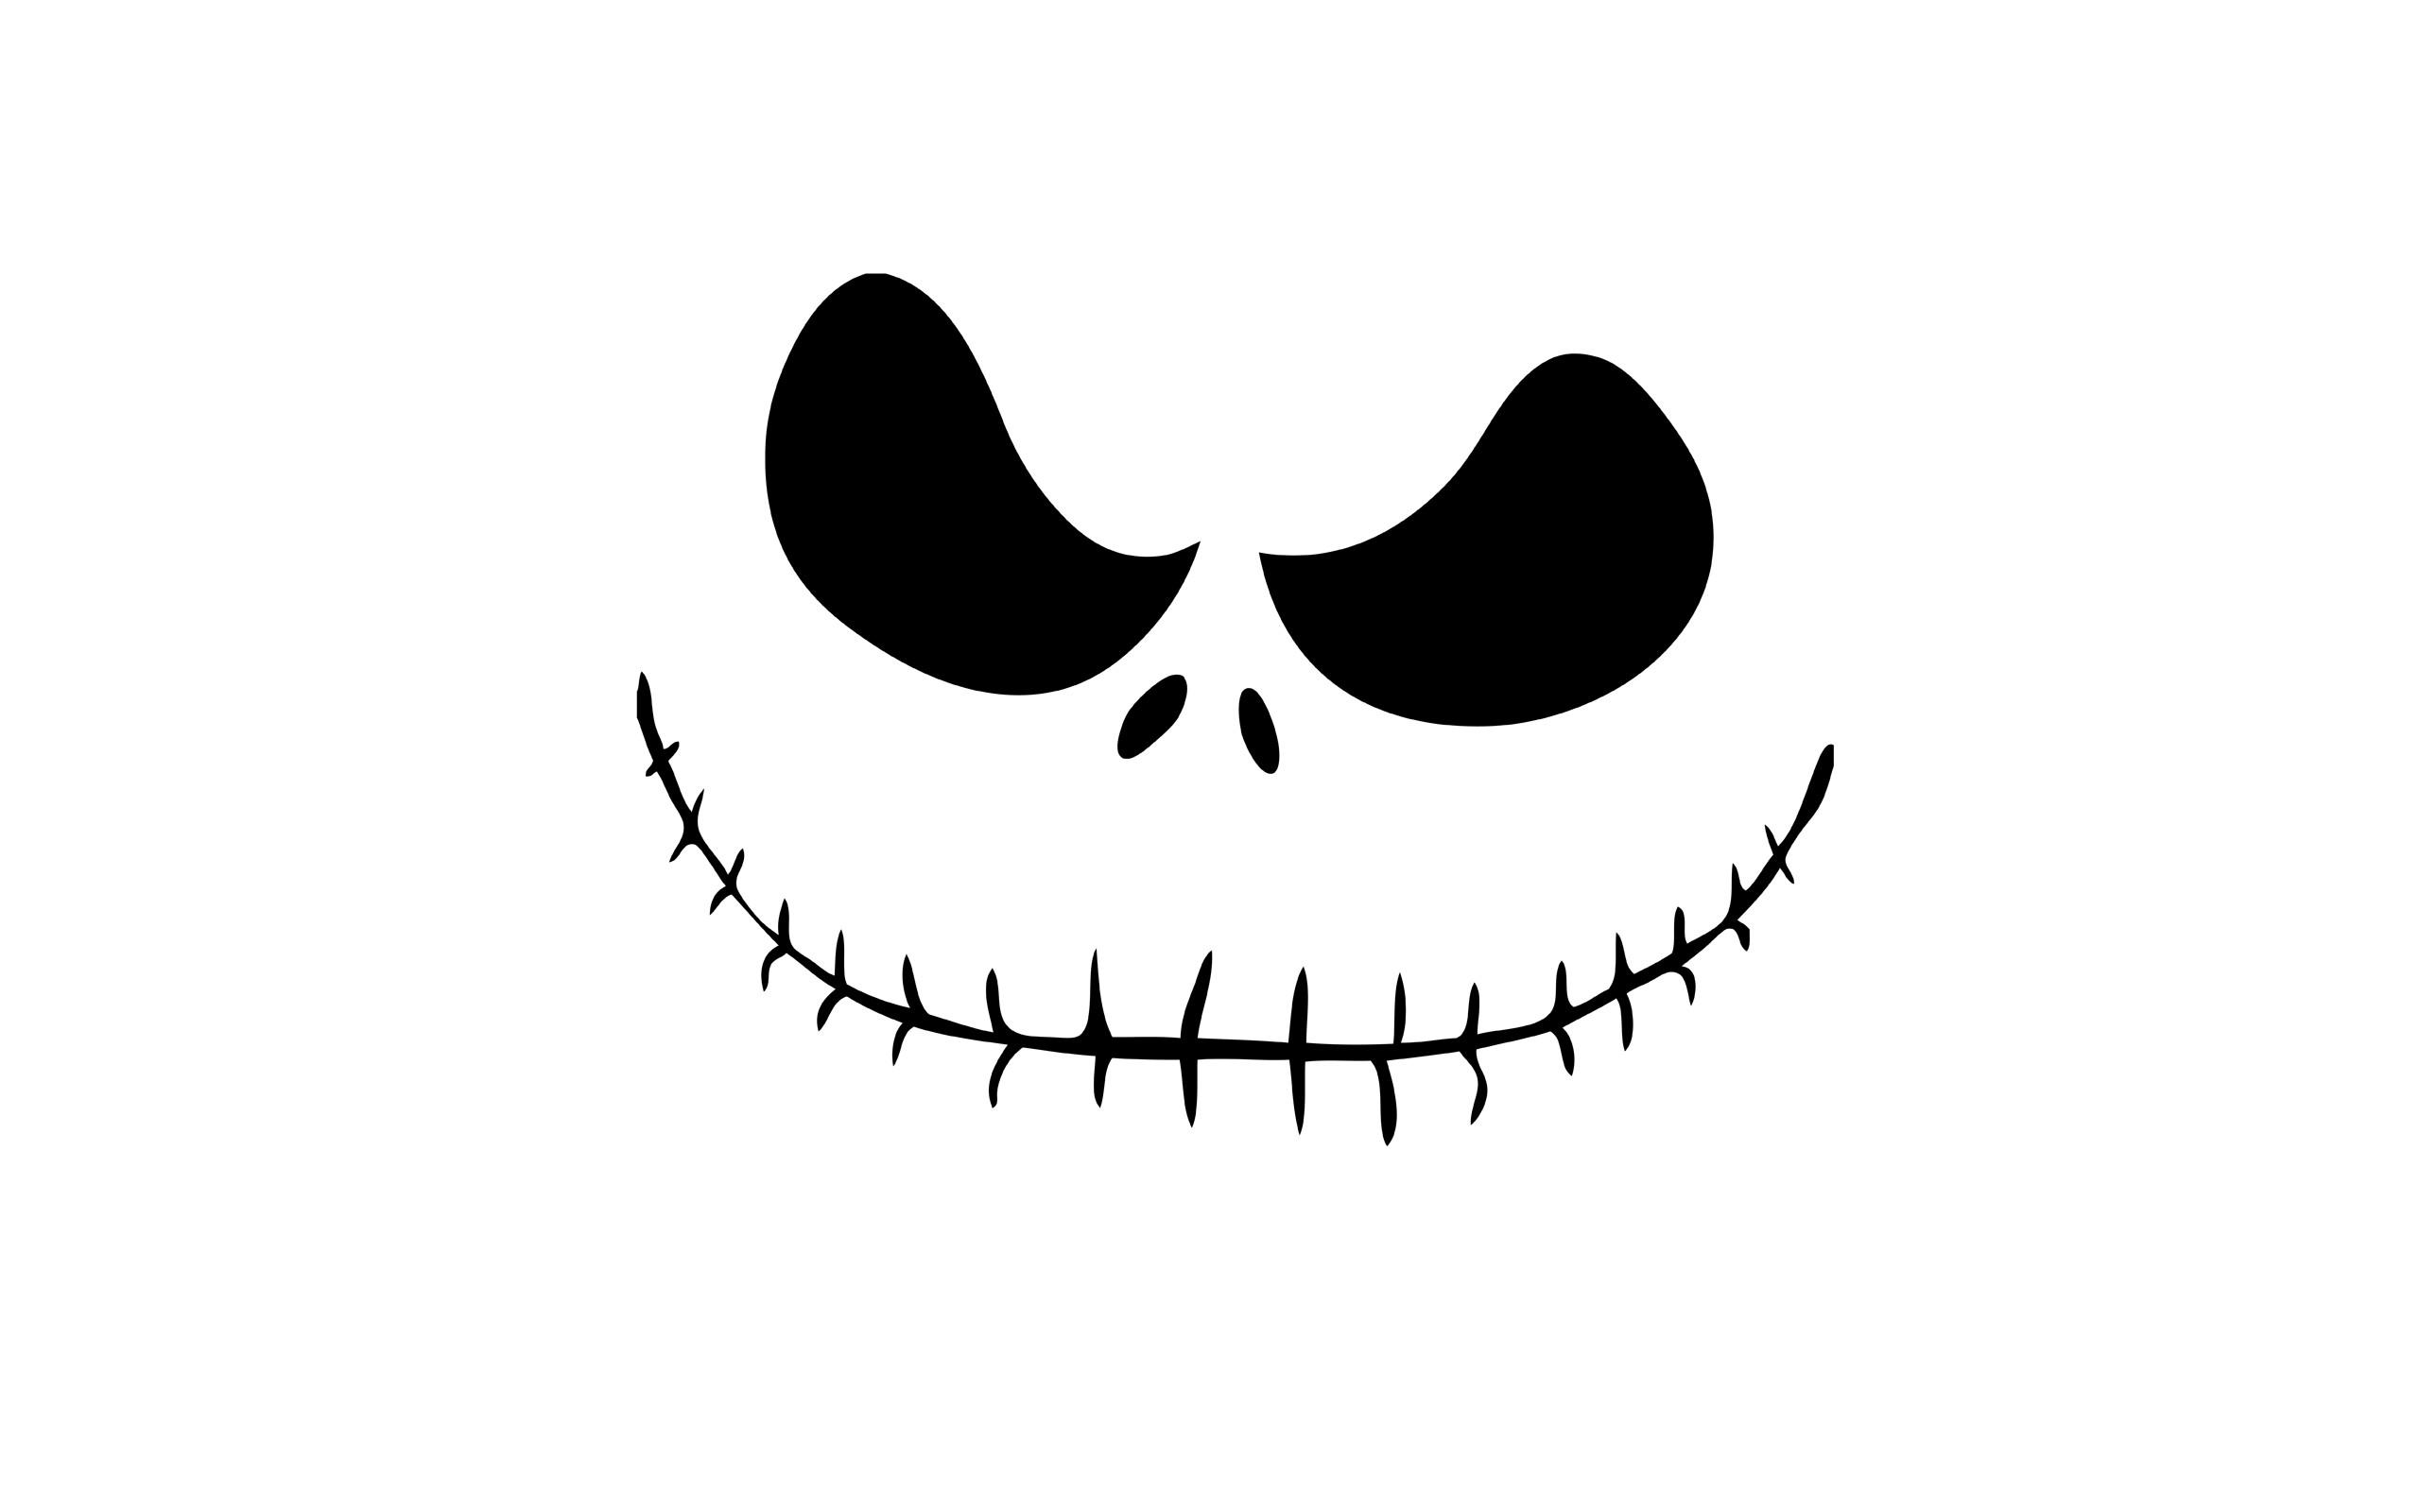 1080x1920 Crazy Jack Skellington Pumpkin 2014 Halloween IPhone 6 Plus Wallpapers